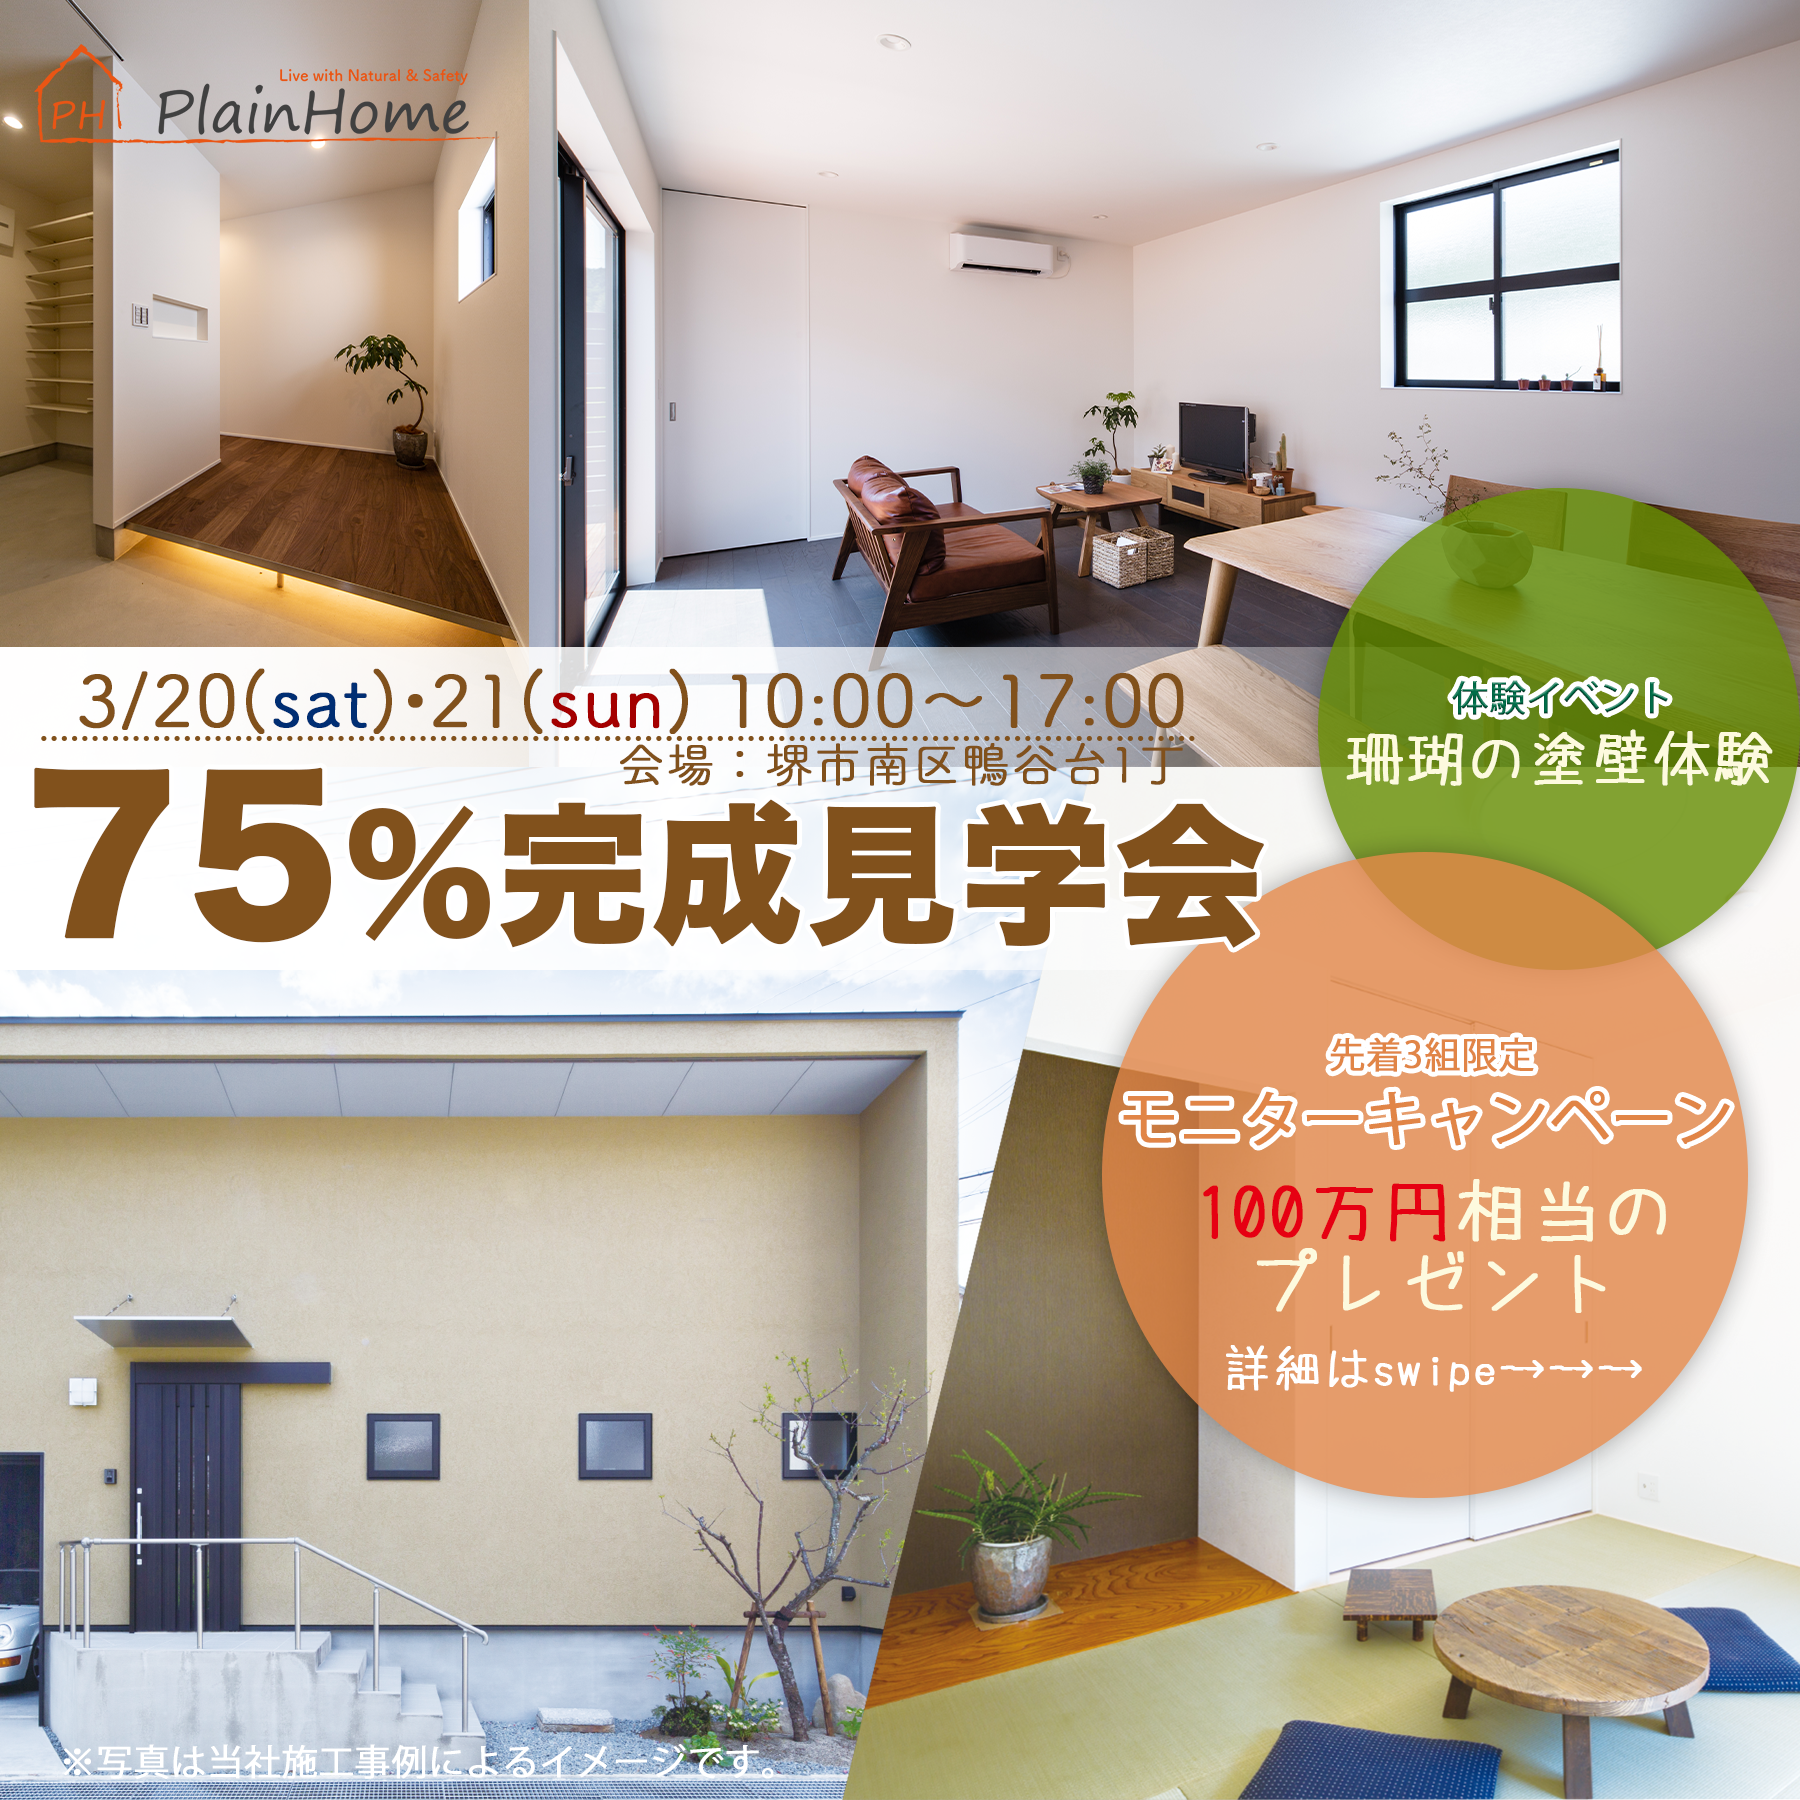 【3月20・21日】75%完成見学会